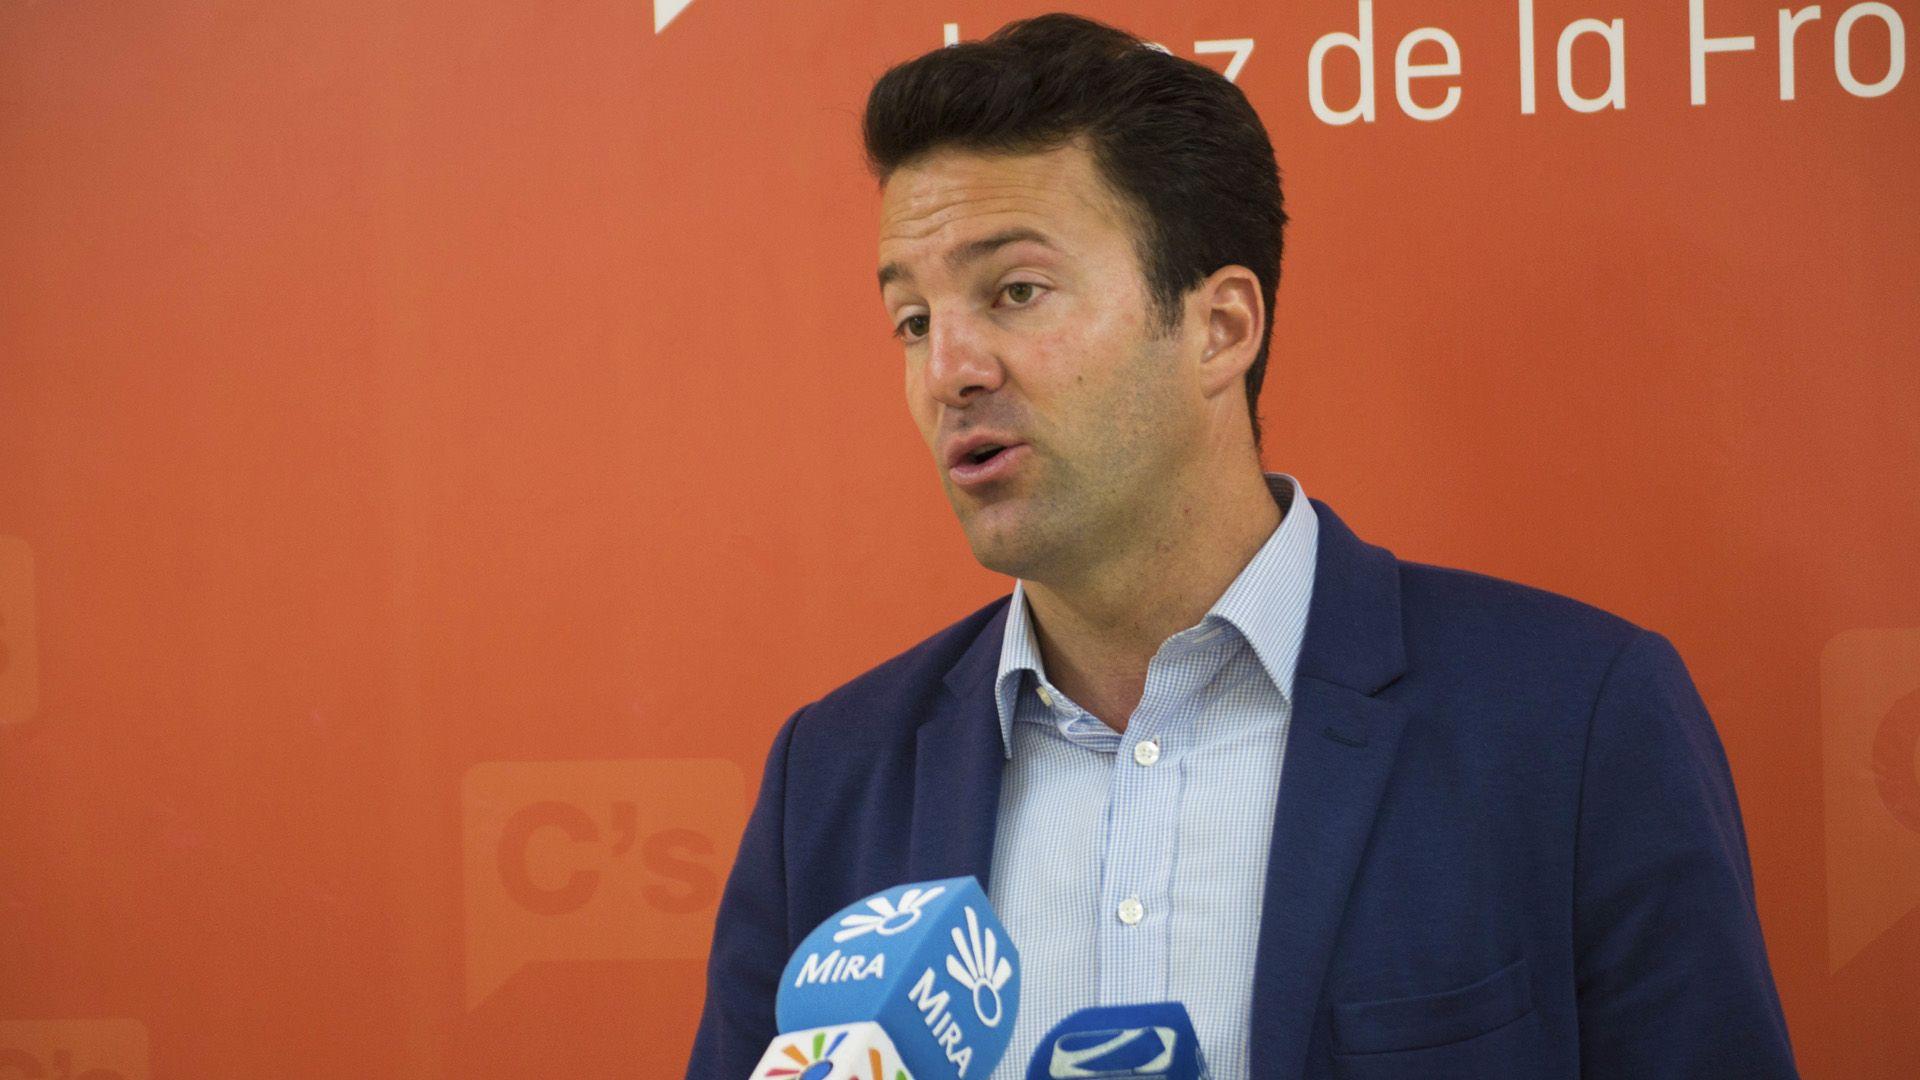 Carlos Pérez en rueda de prensa, 16 de Mayo de 2016 | Pablo Illanas para MIRA Jerez